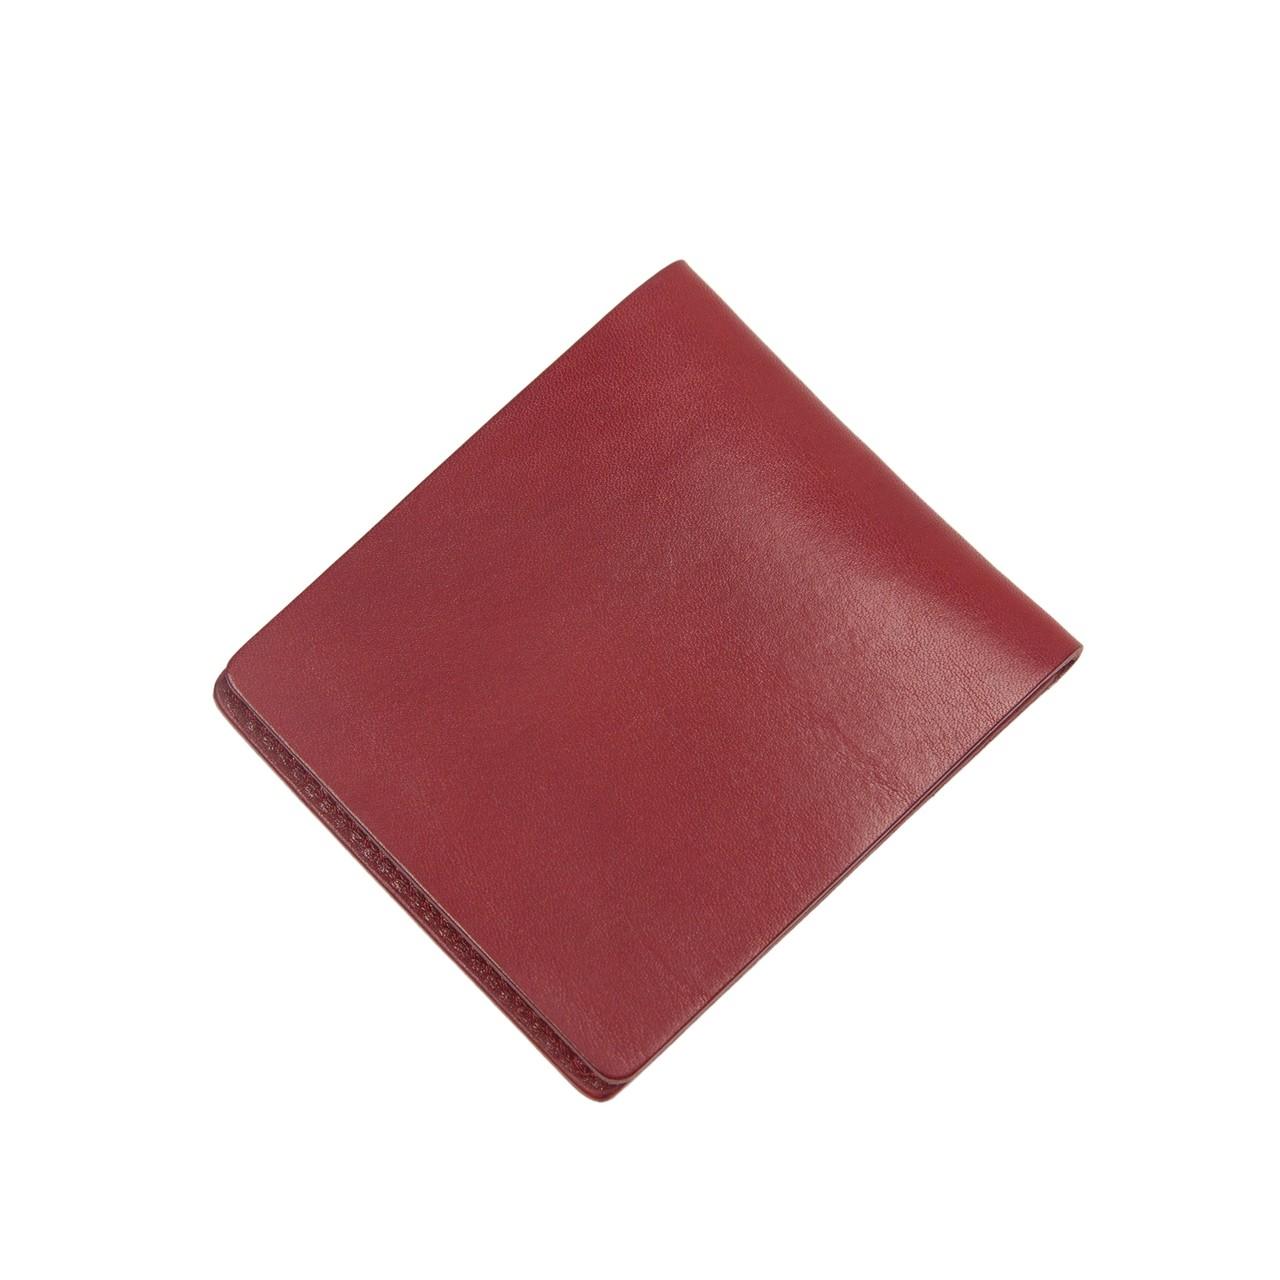 マネージャケット -Clife shot RED-